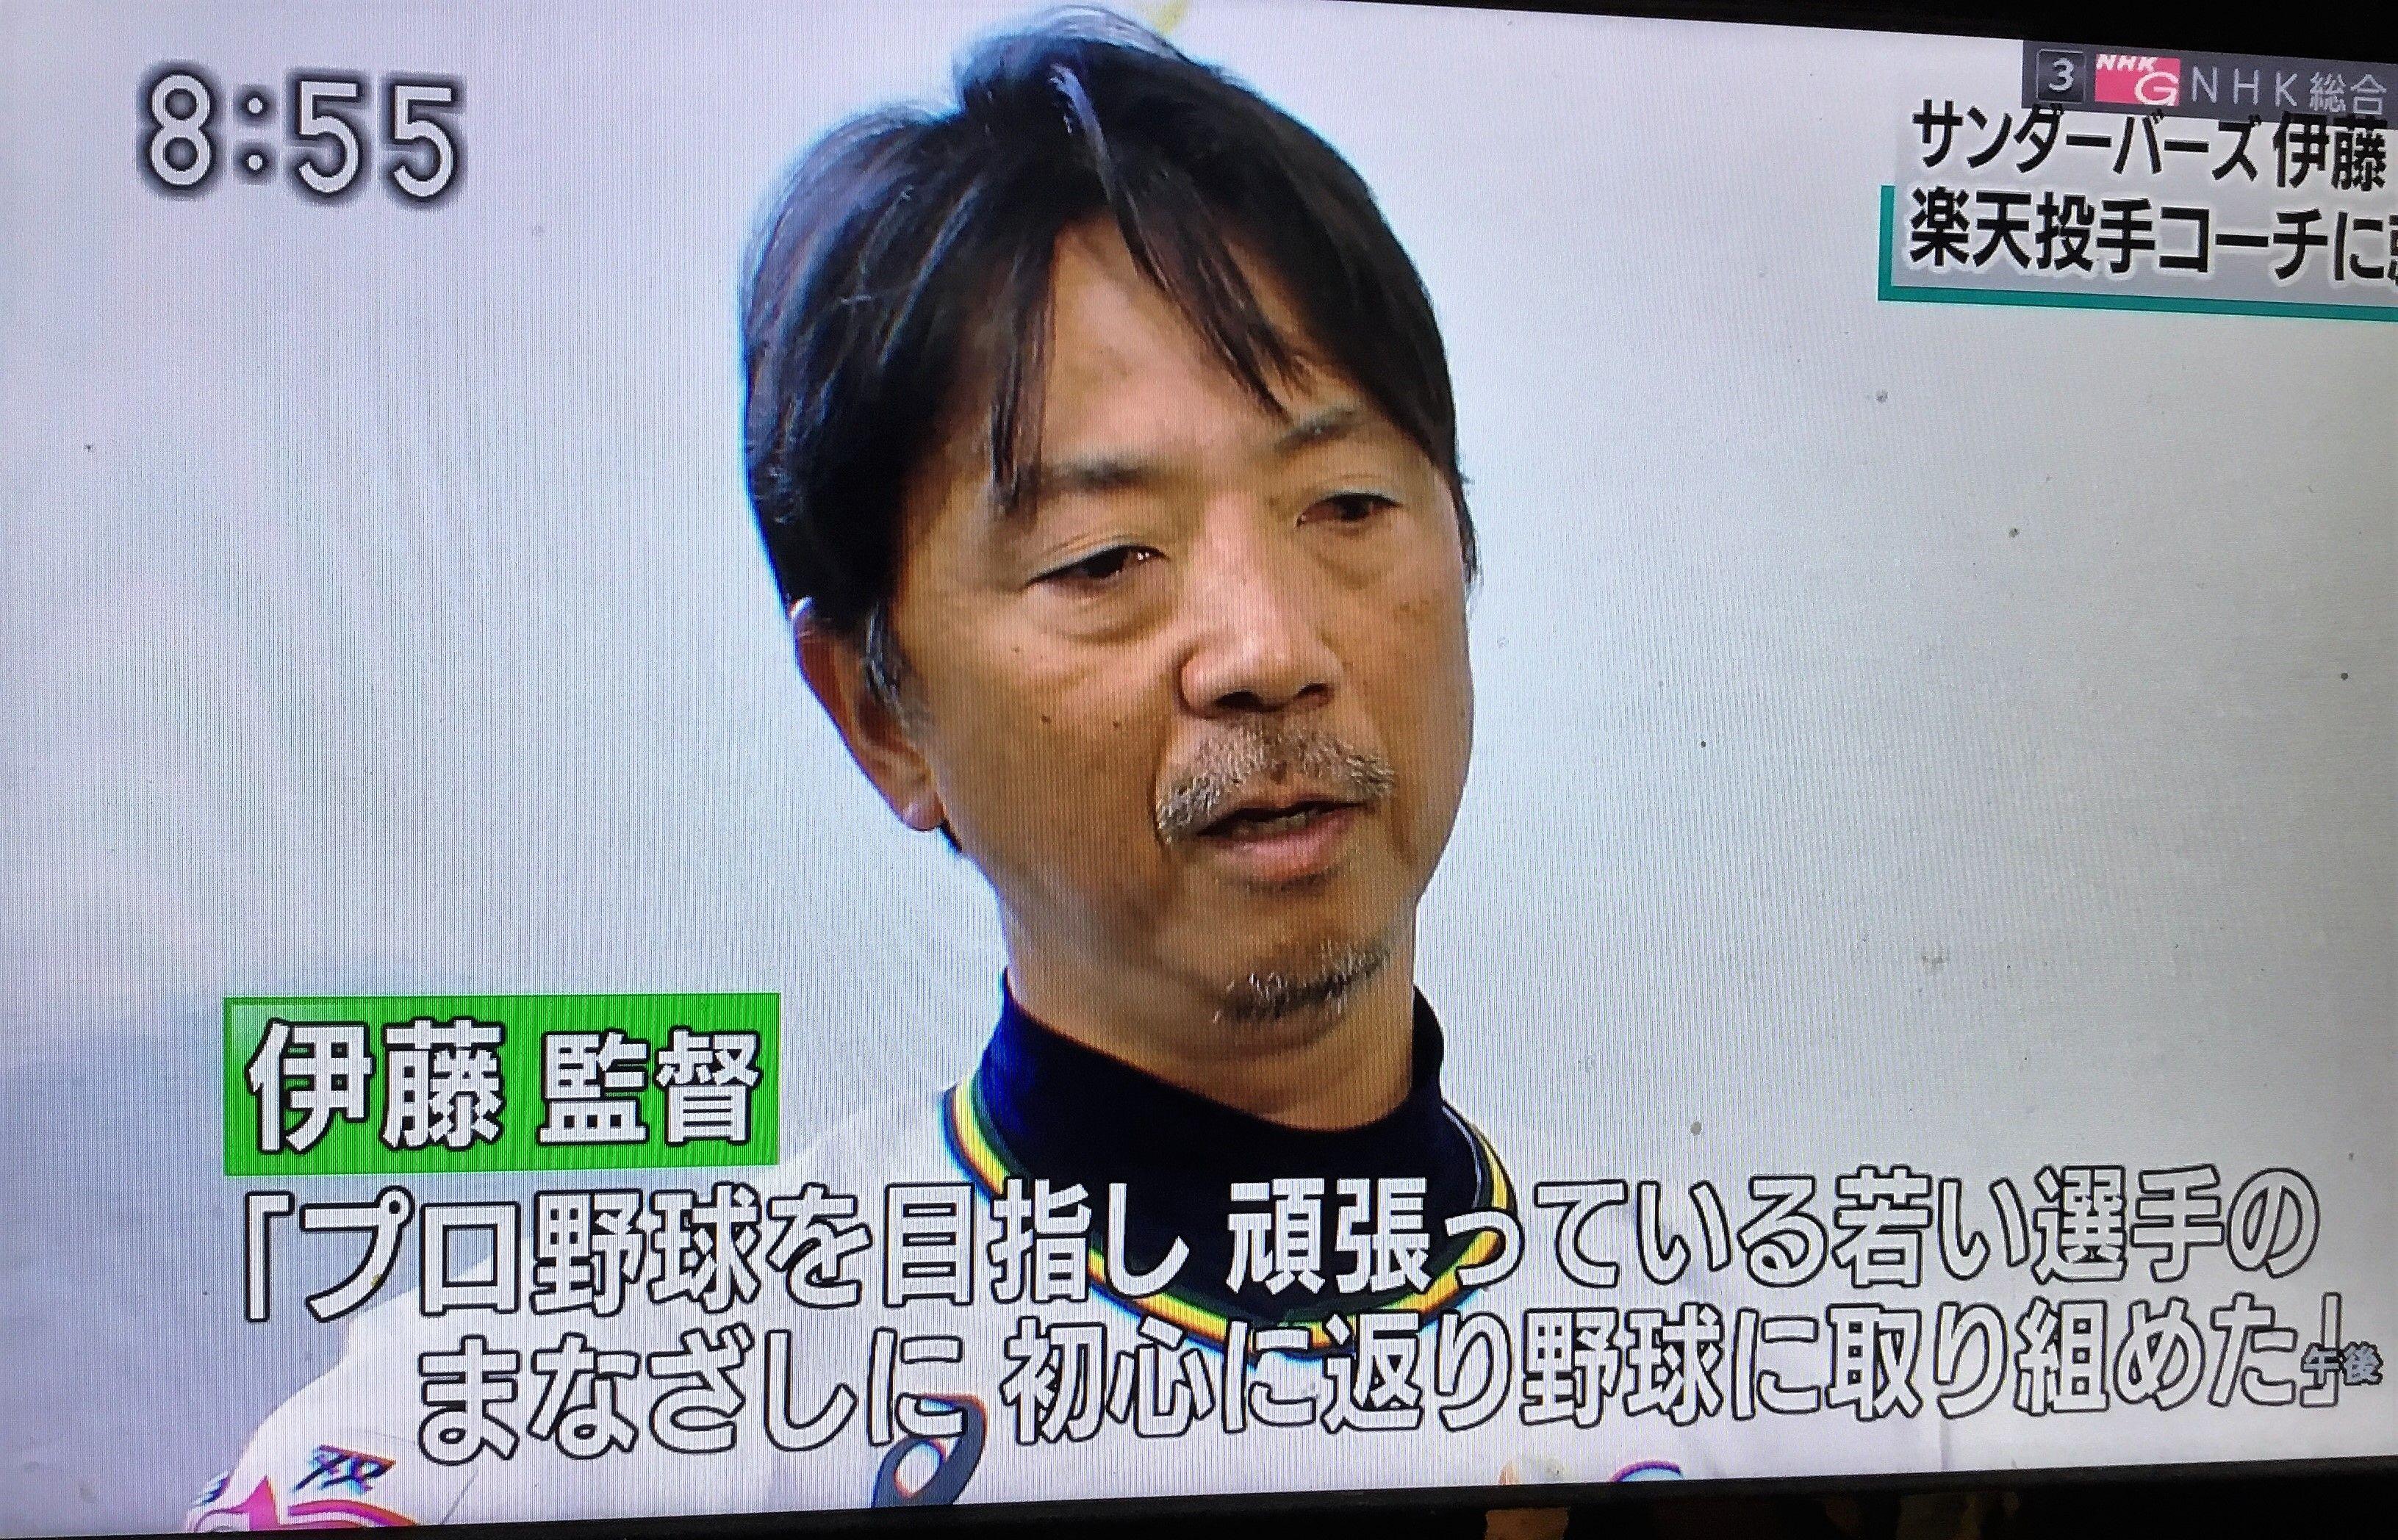 智仁 伊藤